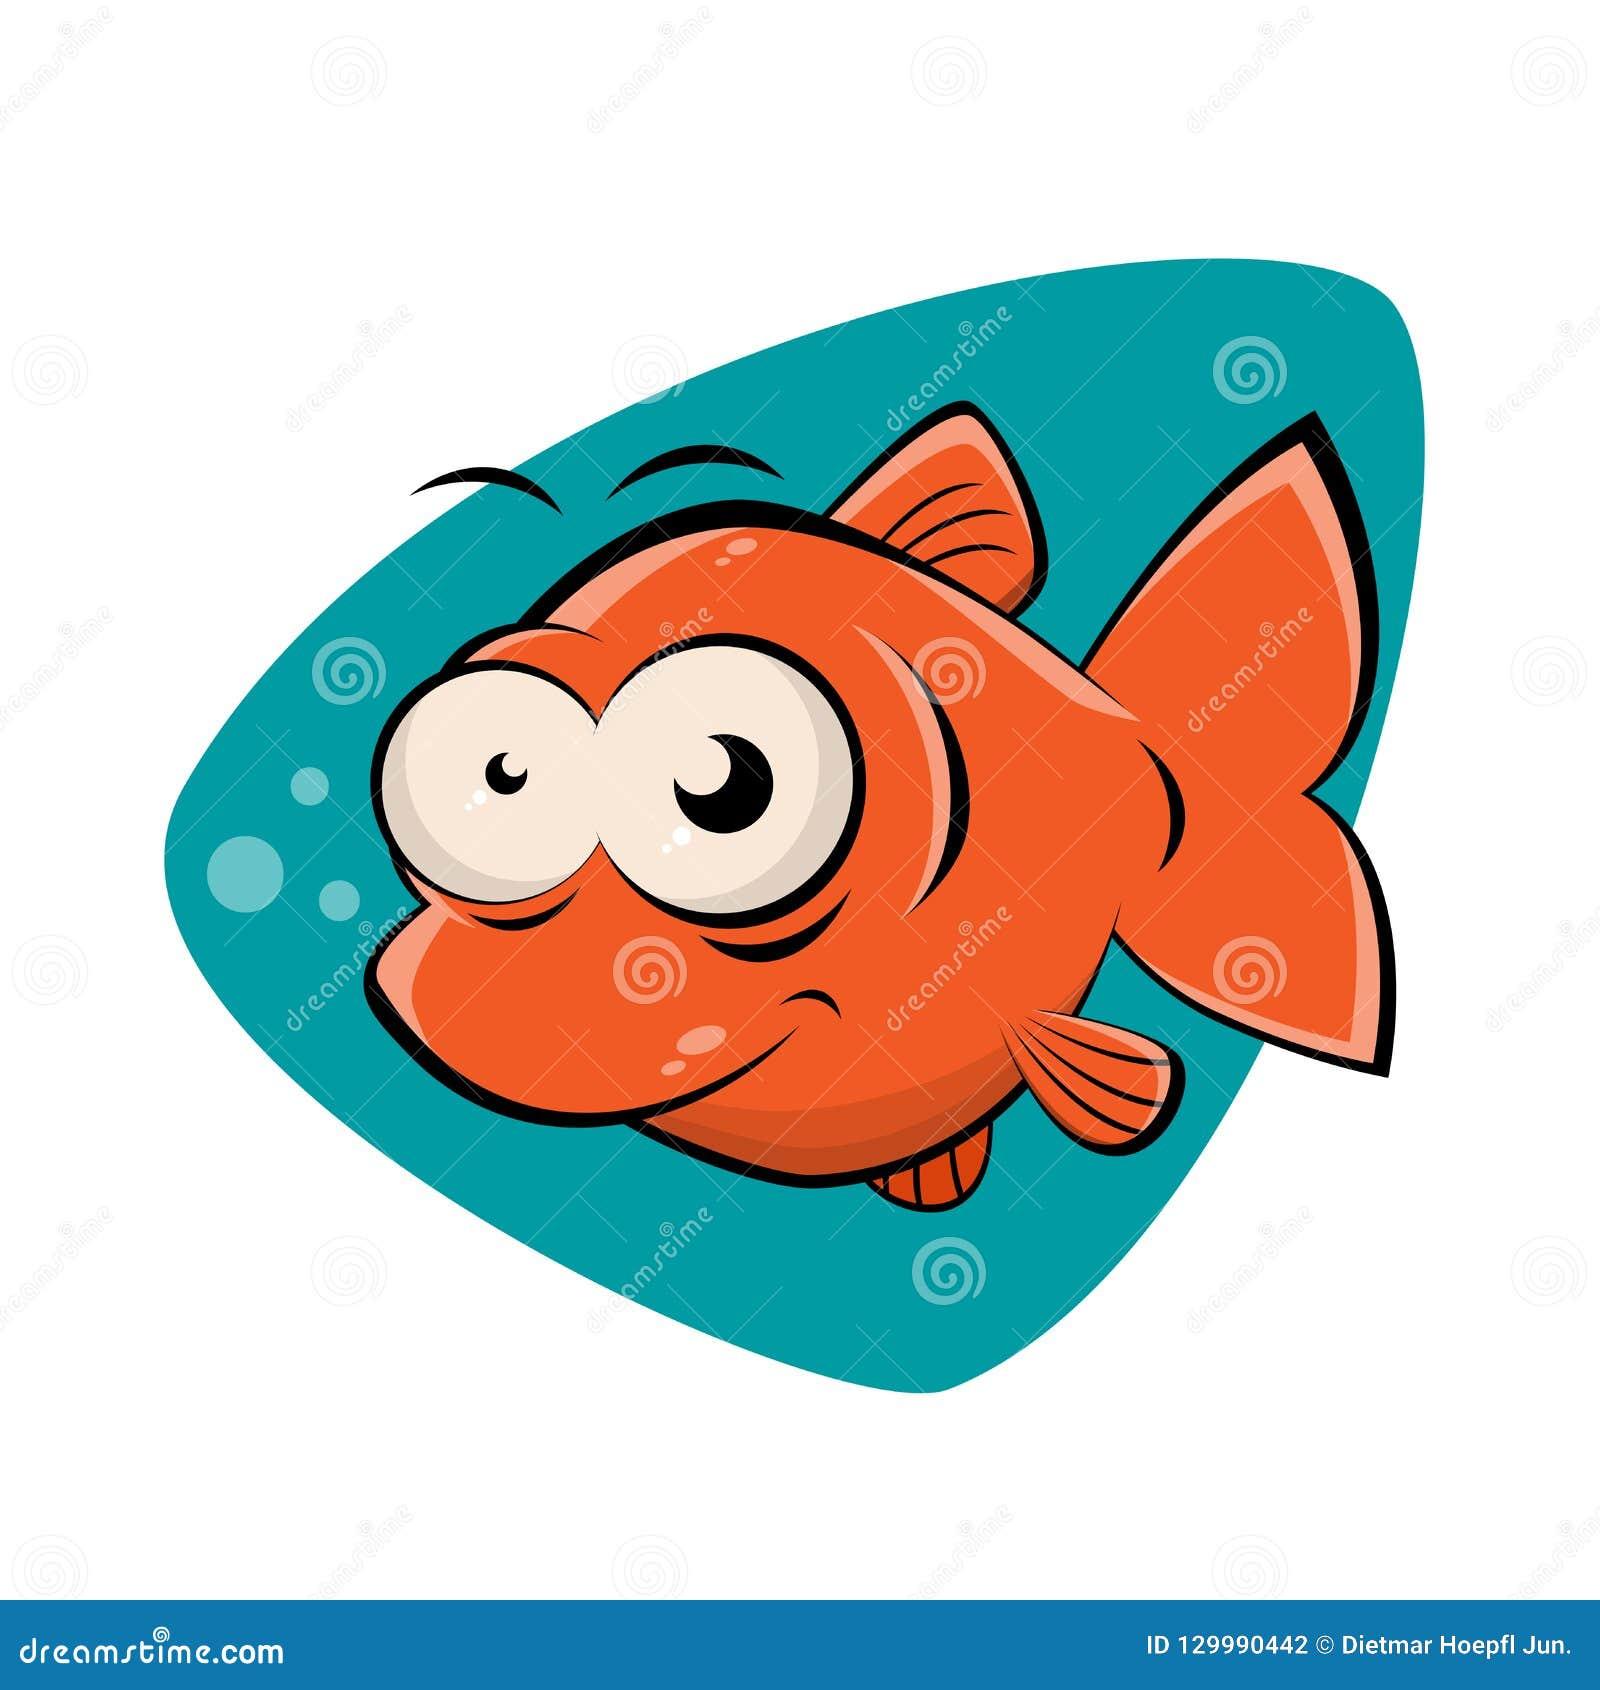 Clipart Drole D Un Poisson De Sourire Illustration De Vecteur Illustration Du Clipart Poisson 129990442